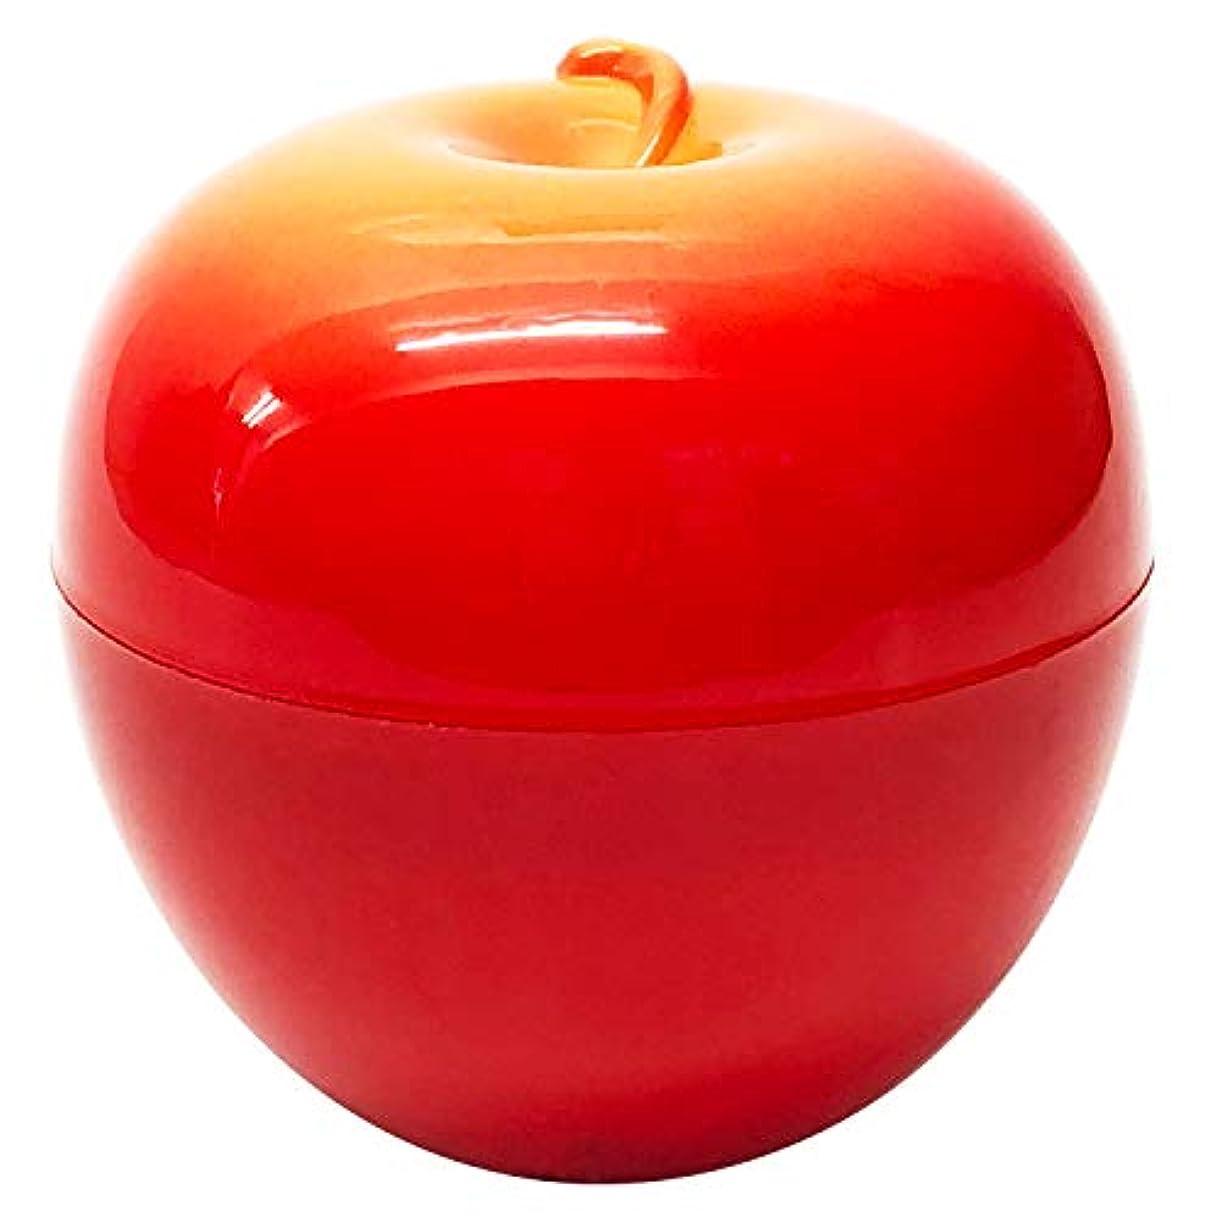 見通しつづり引き付けるTokyoFruits TOKYOフルーツハンドクリームリンゴ2個セット 30g